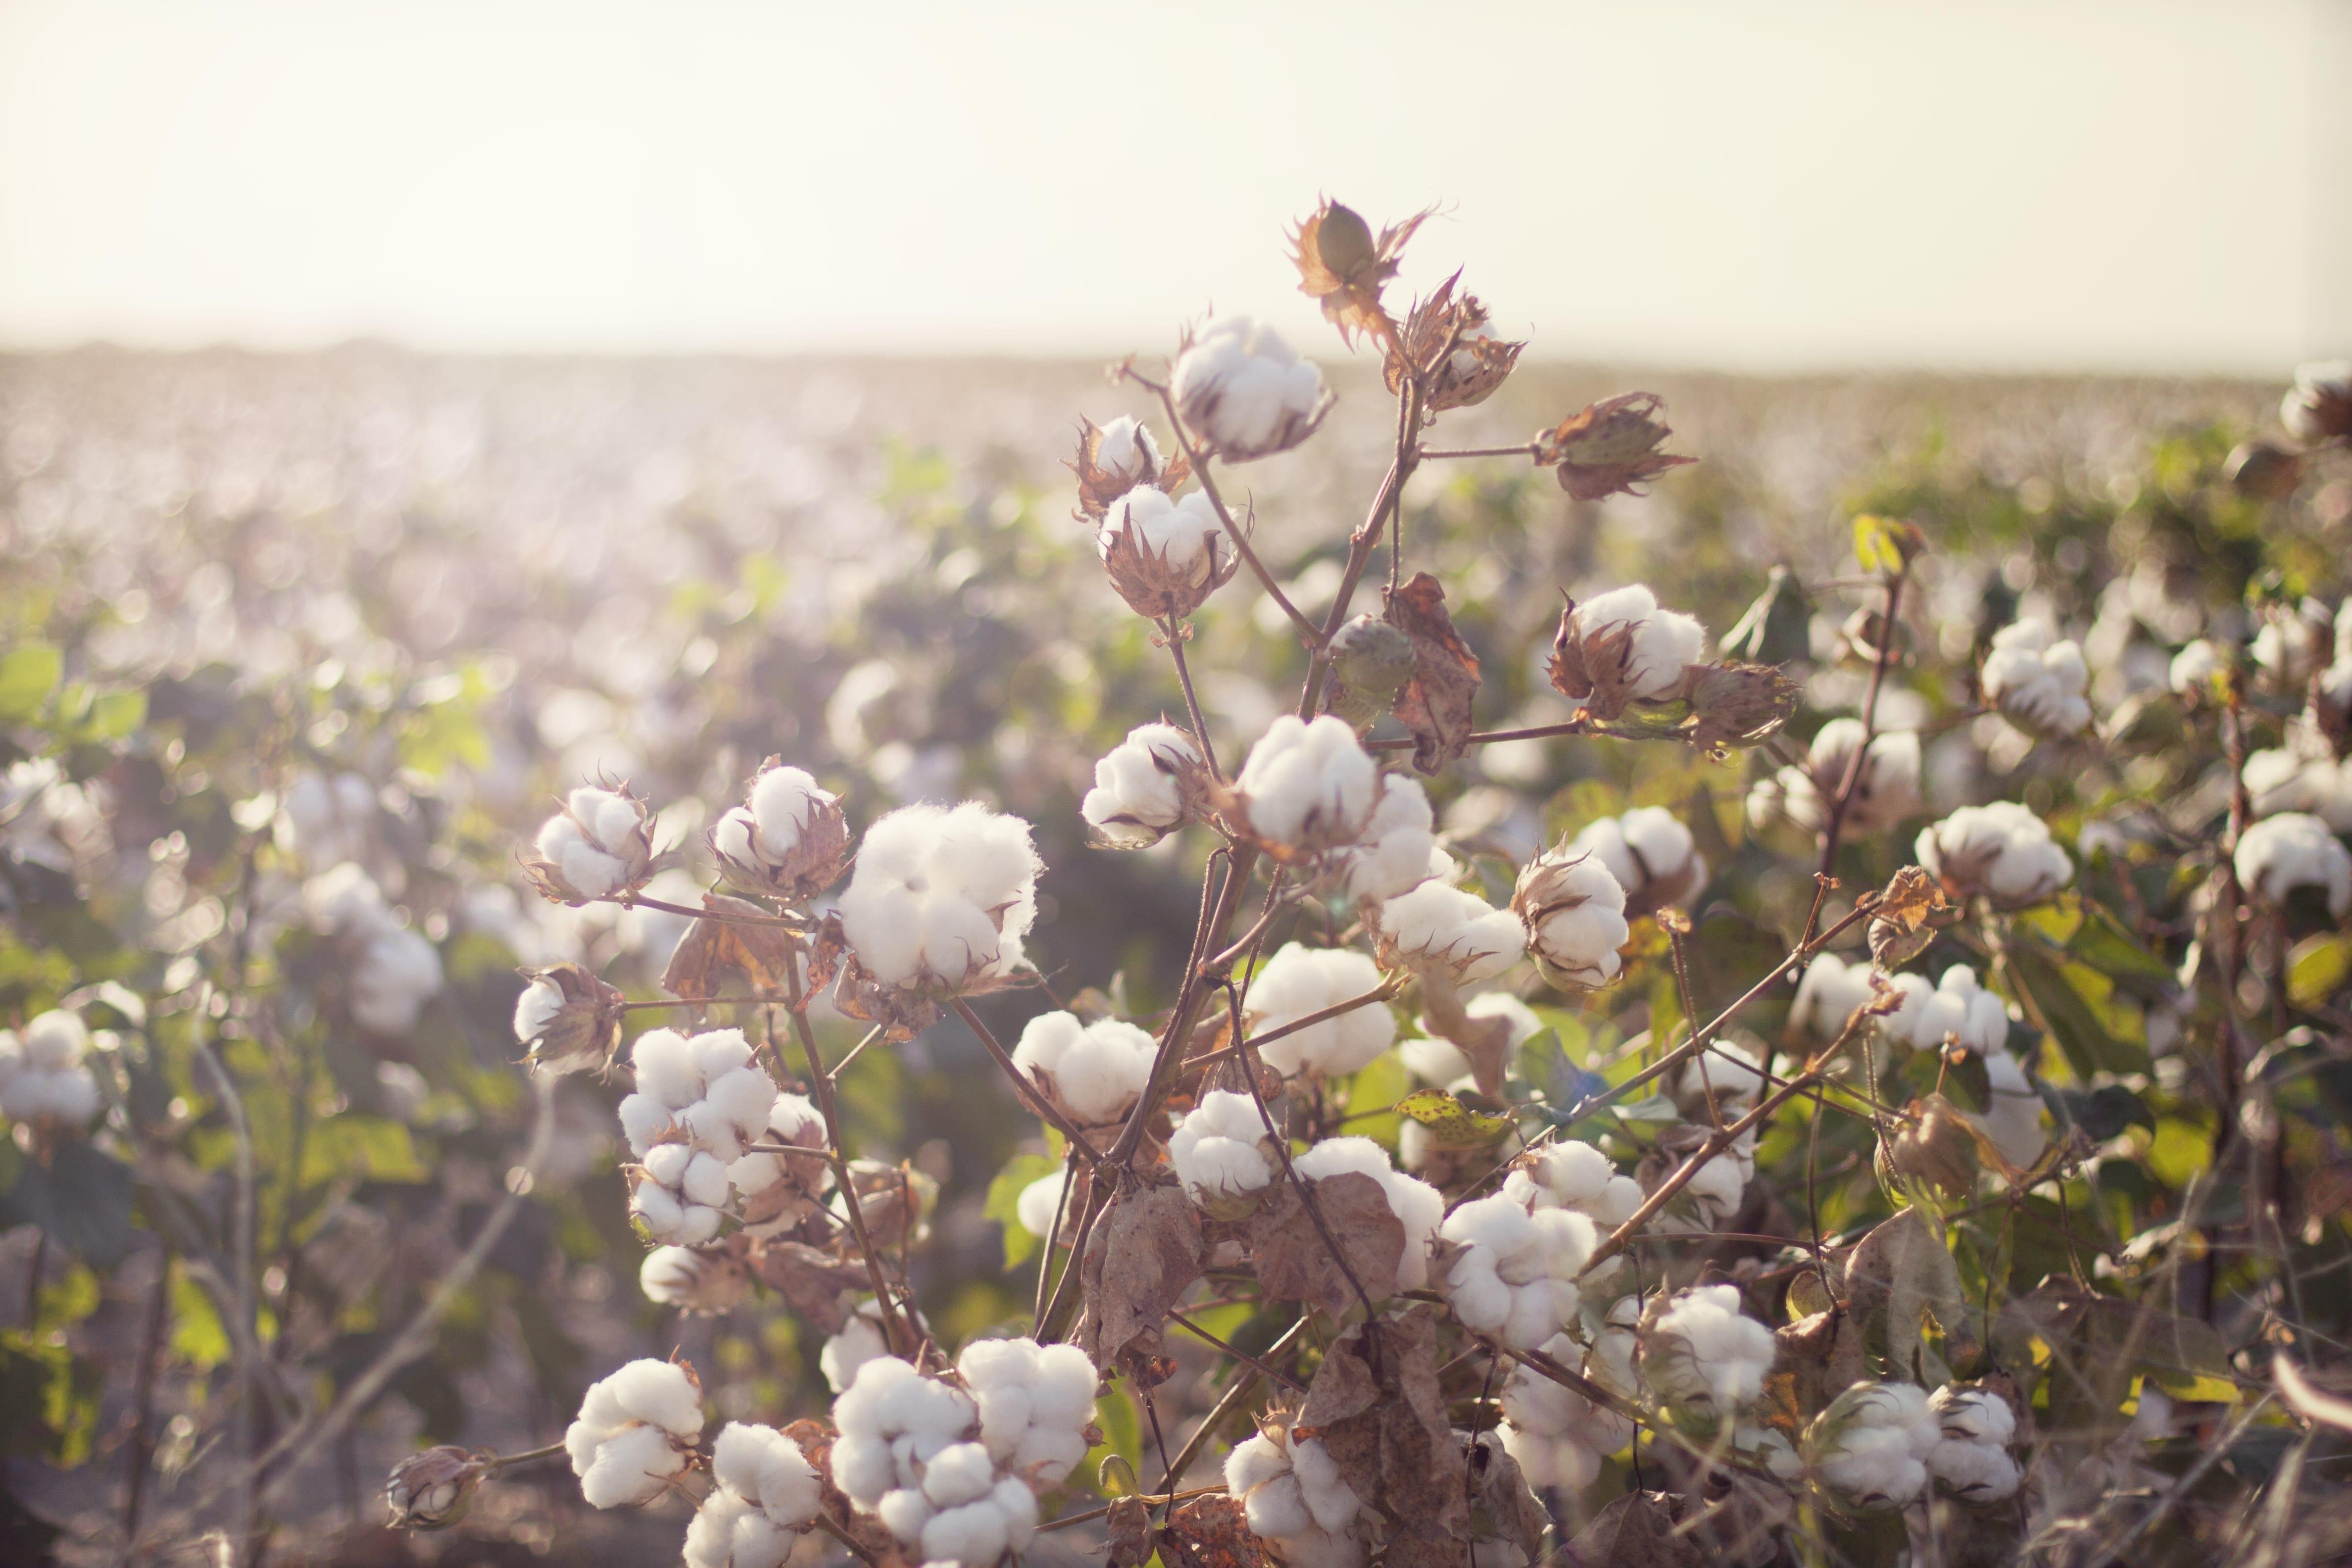 Sostenibilità: Cotton Usa certifica la fibra sostenibile ed etica